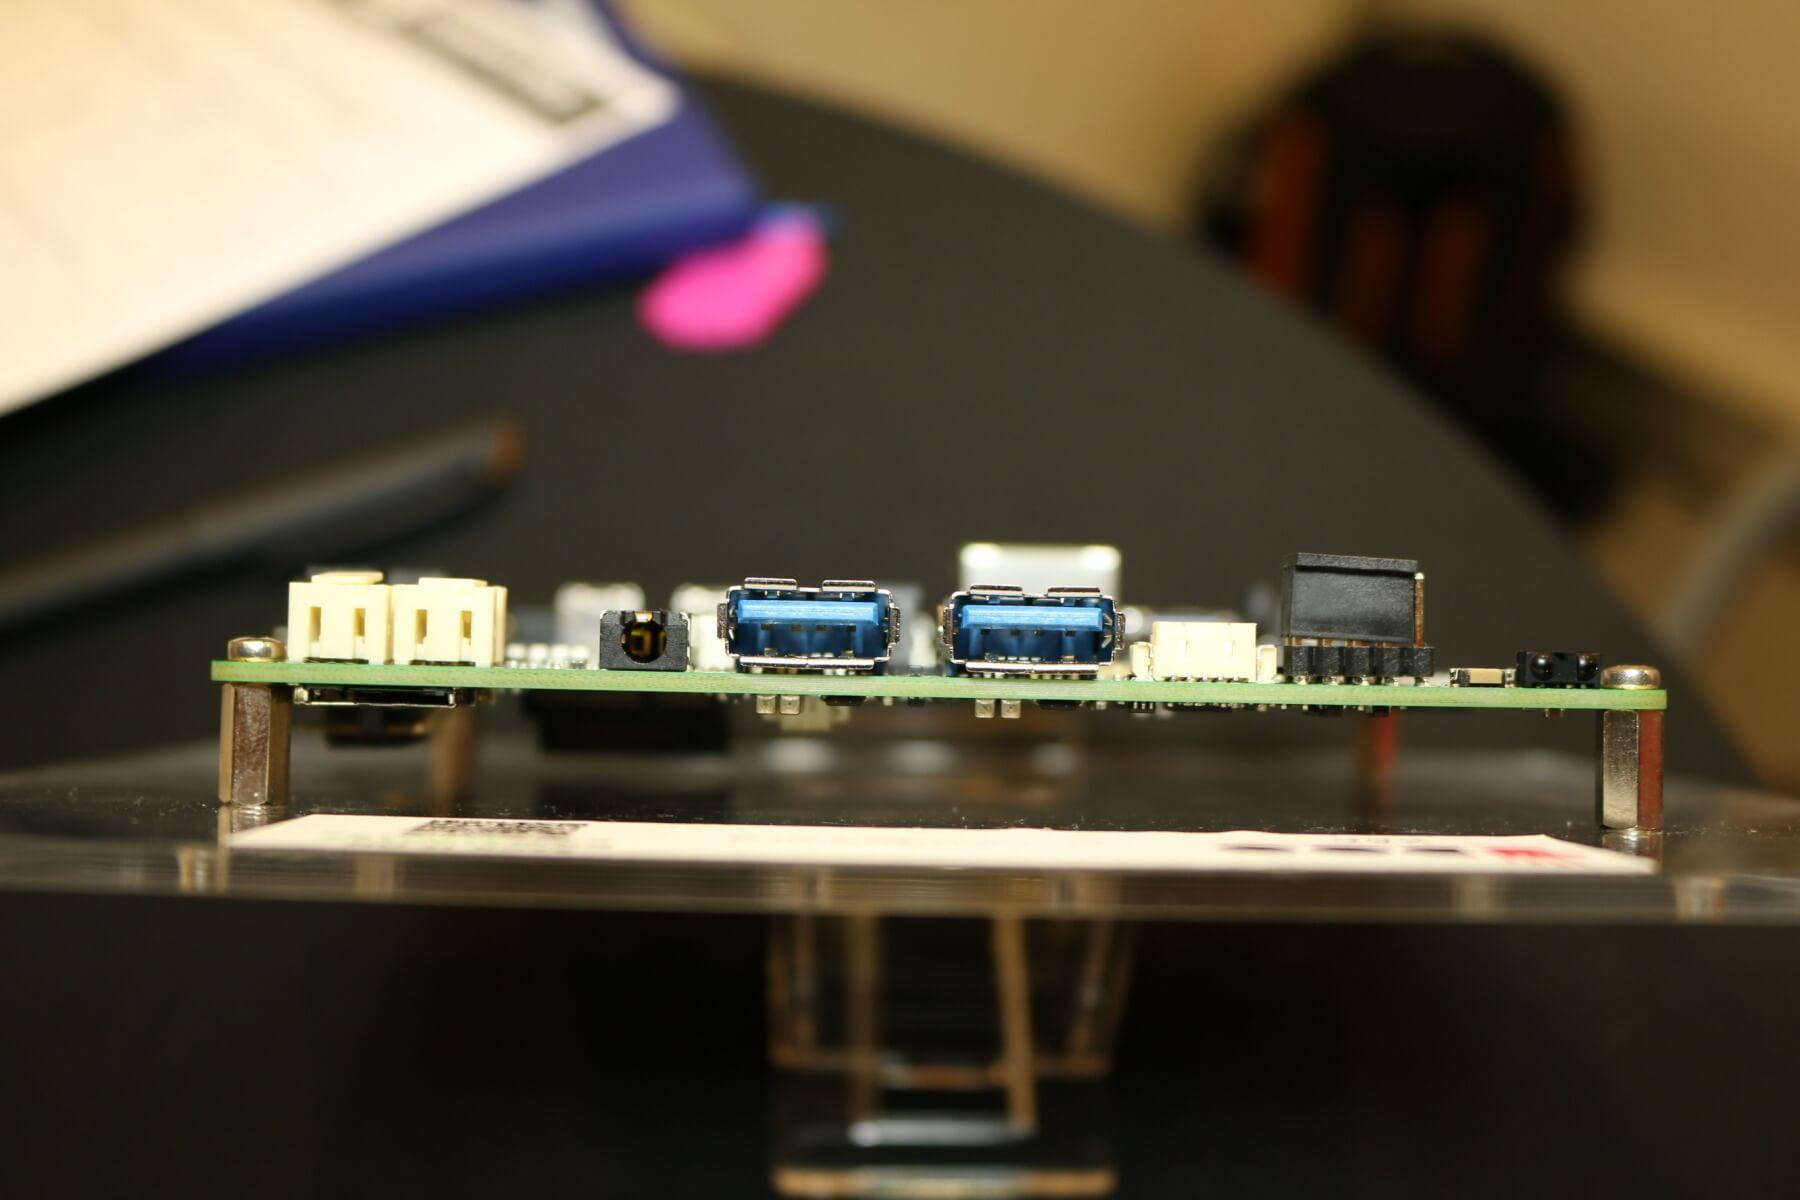 Udoo x86: Sehr leistungsstarkes Bastler-Board mit Intel-CPUs